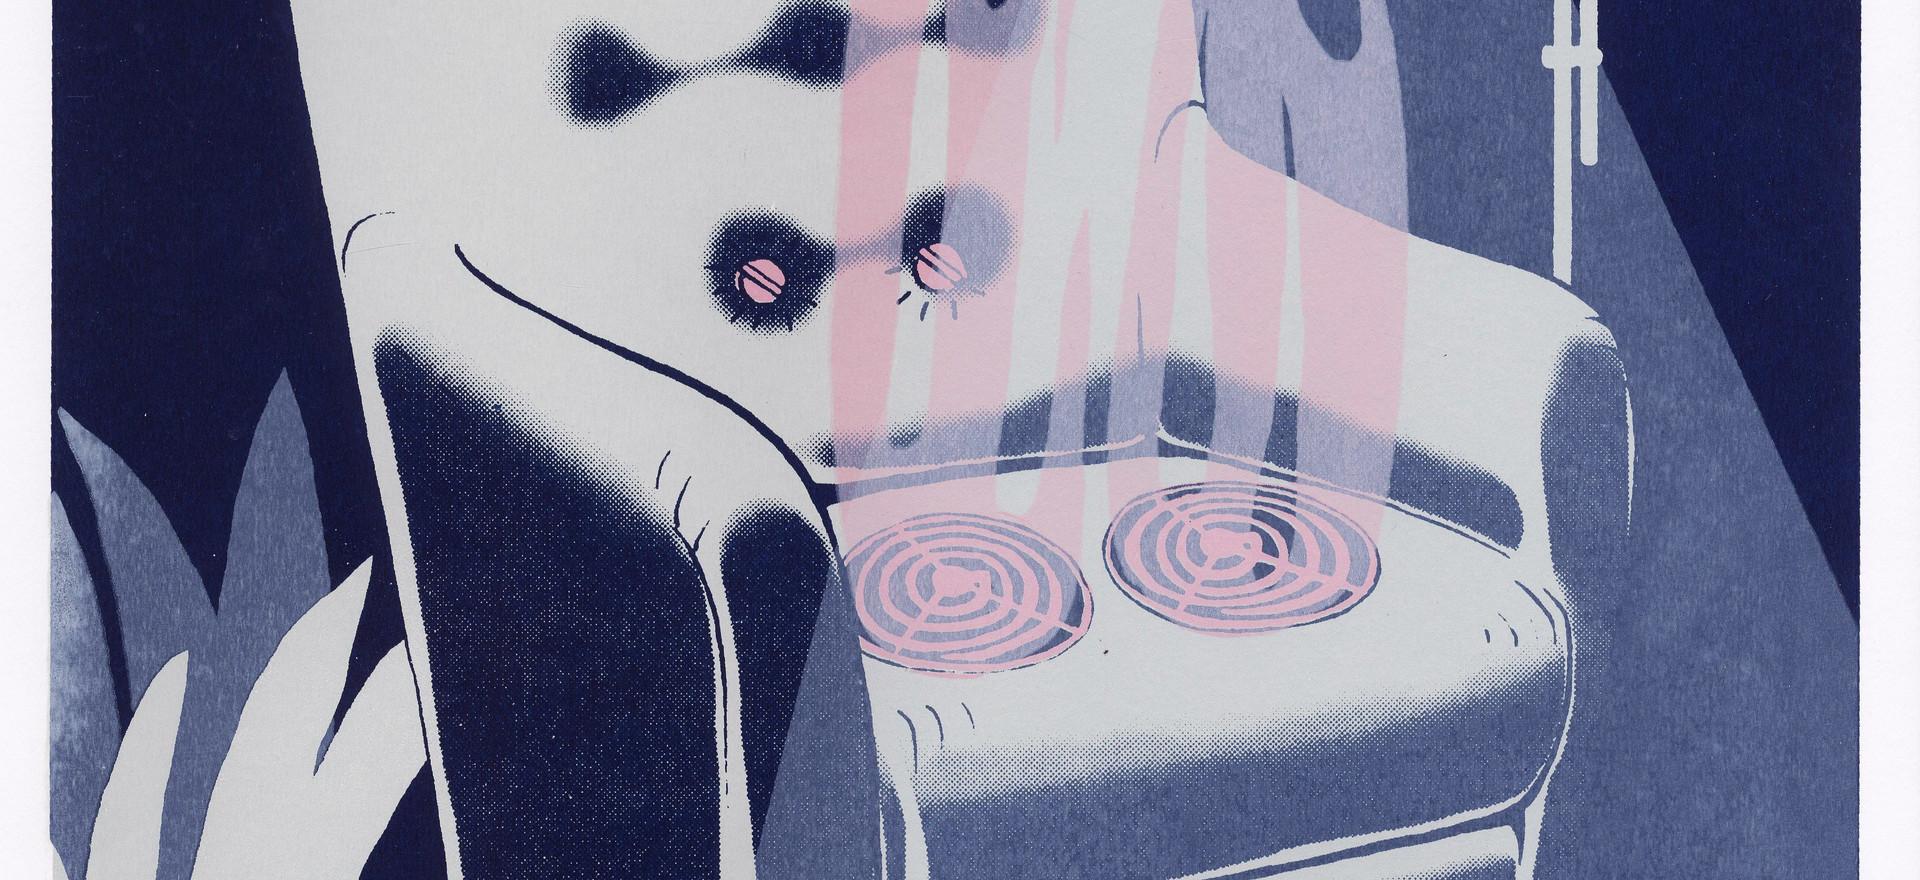 """- wie zijn billen brandt, moet op de blaren zitten - whoever burns their butt cheeks, has to sit on the wounds (we have to live with the consequences of our actions)  12""""x16"""" silkscreen print 40.00$"""